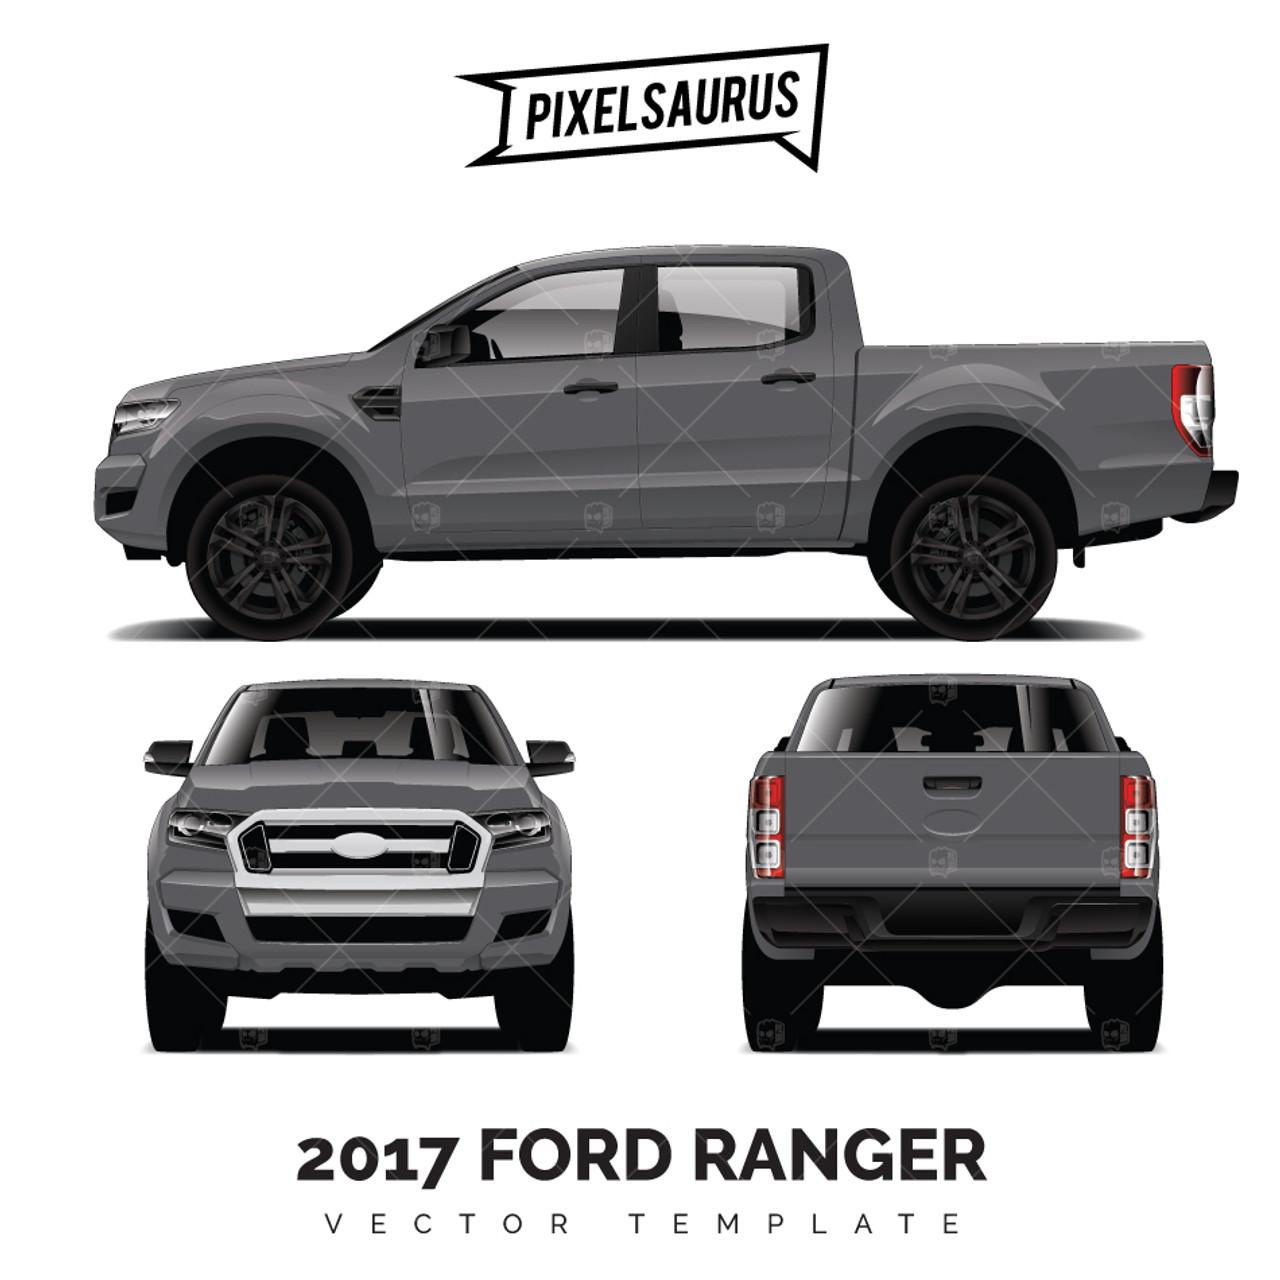 2017 Ford Ranger >> 2017 Ford Ranger Px2